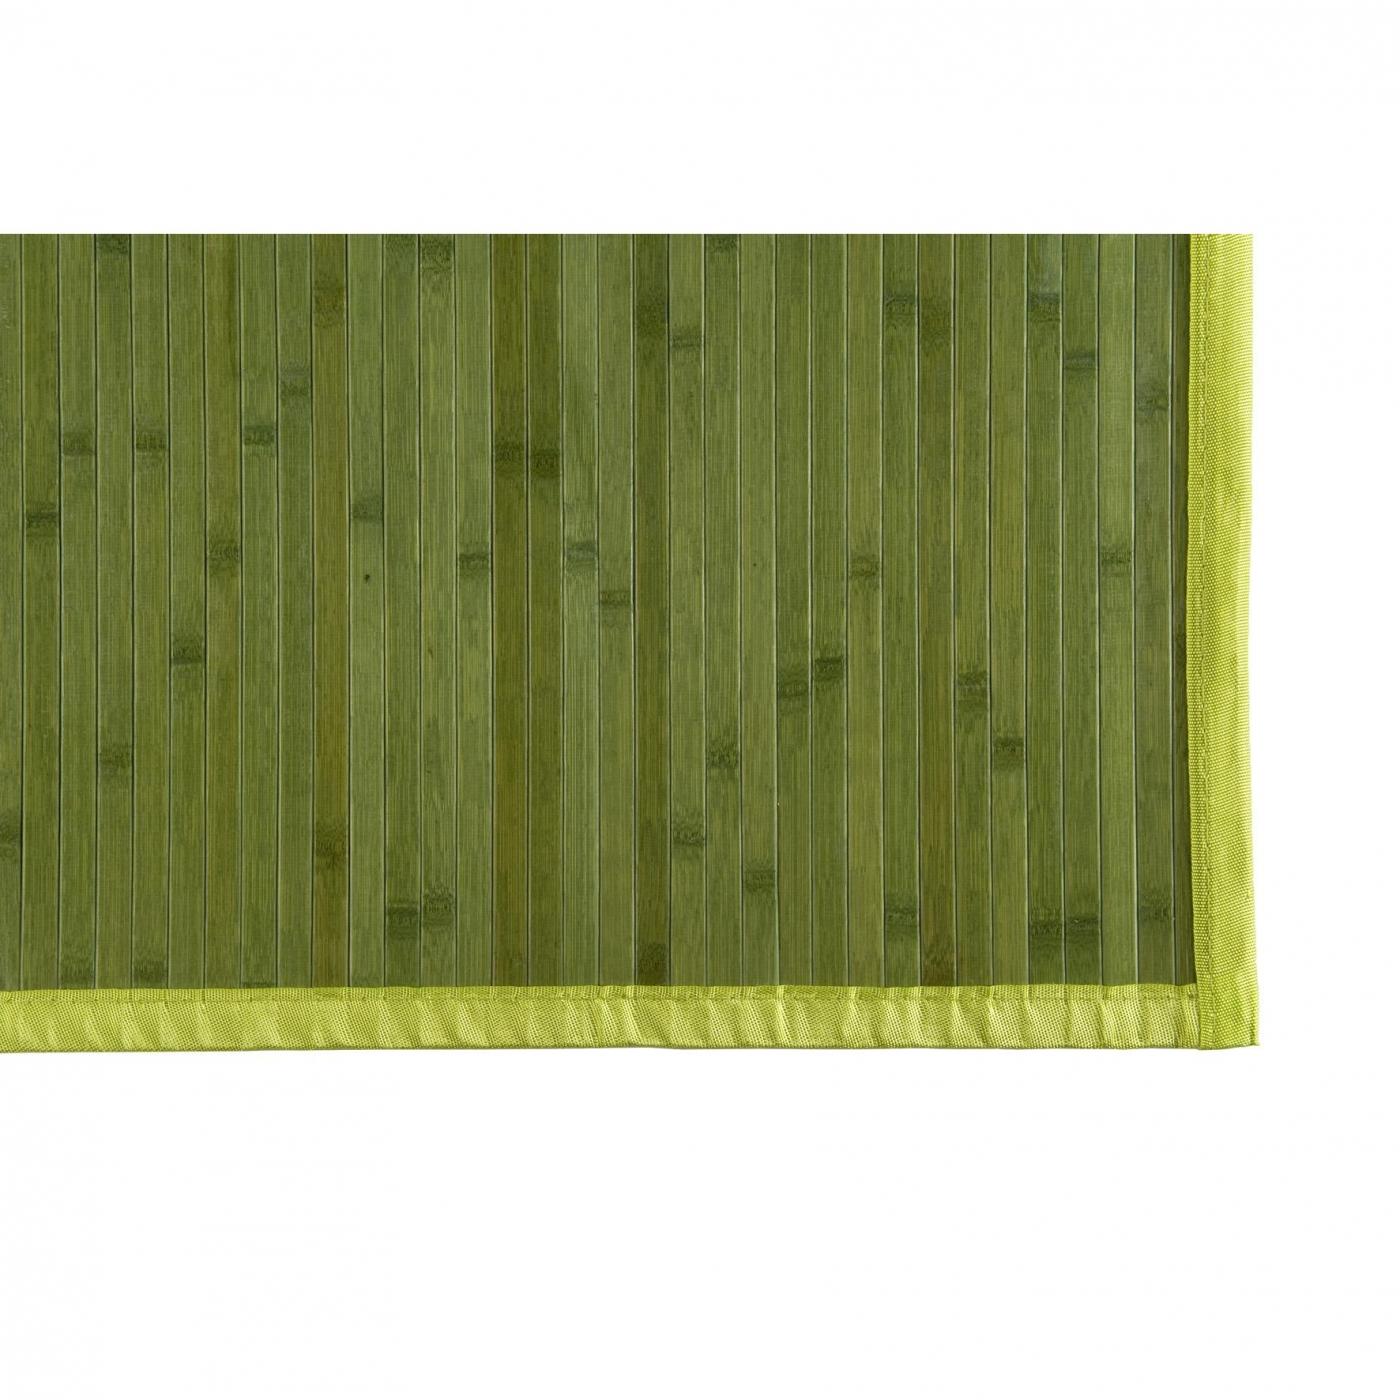 Alfombra bambu color verde por 27 14 en planeta huerto - Alfombras bambu colores ...